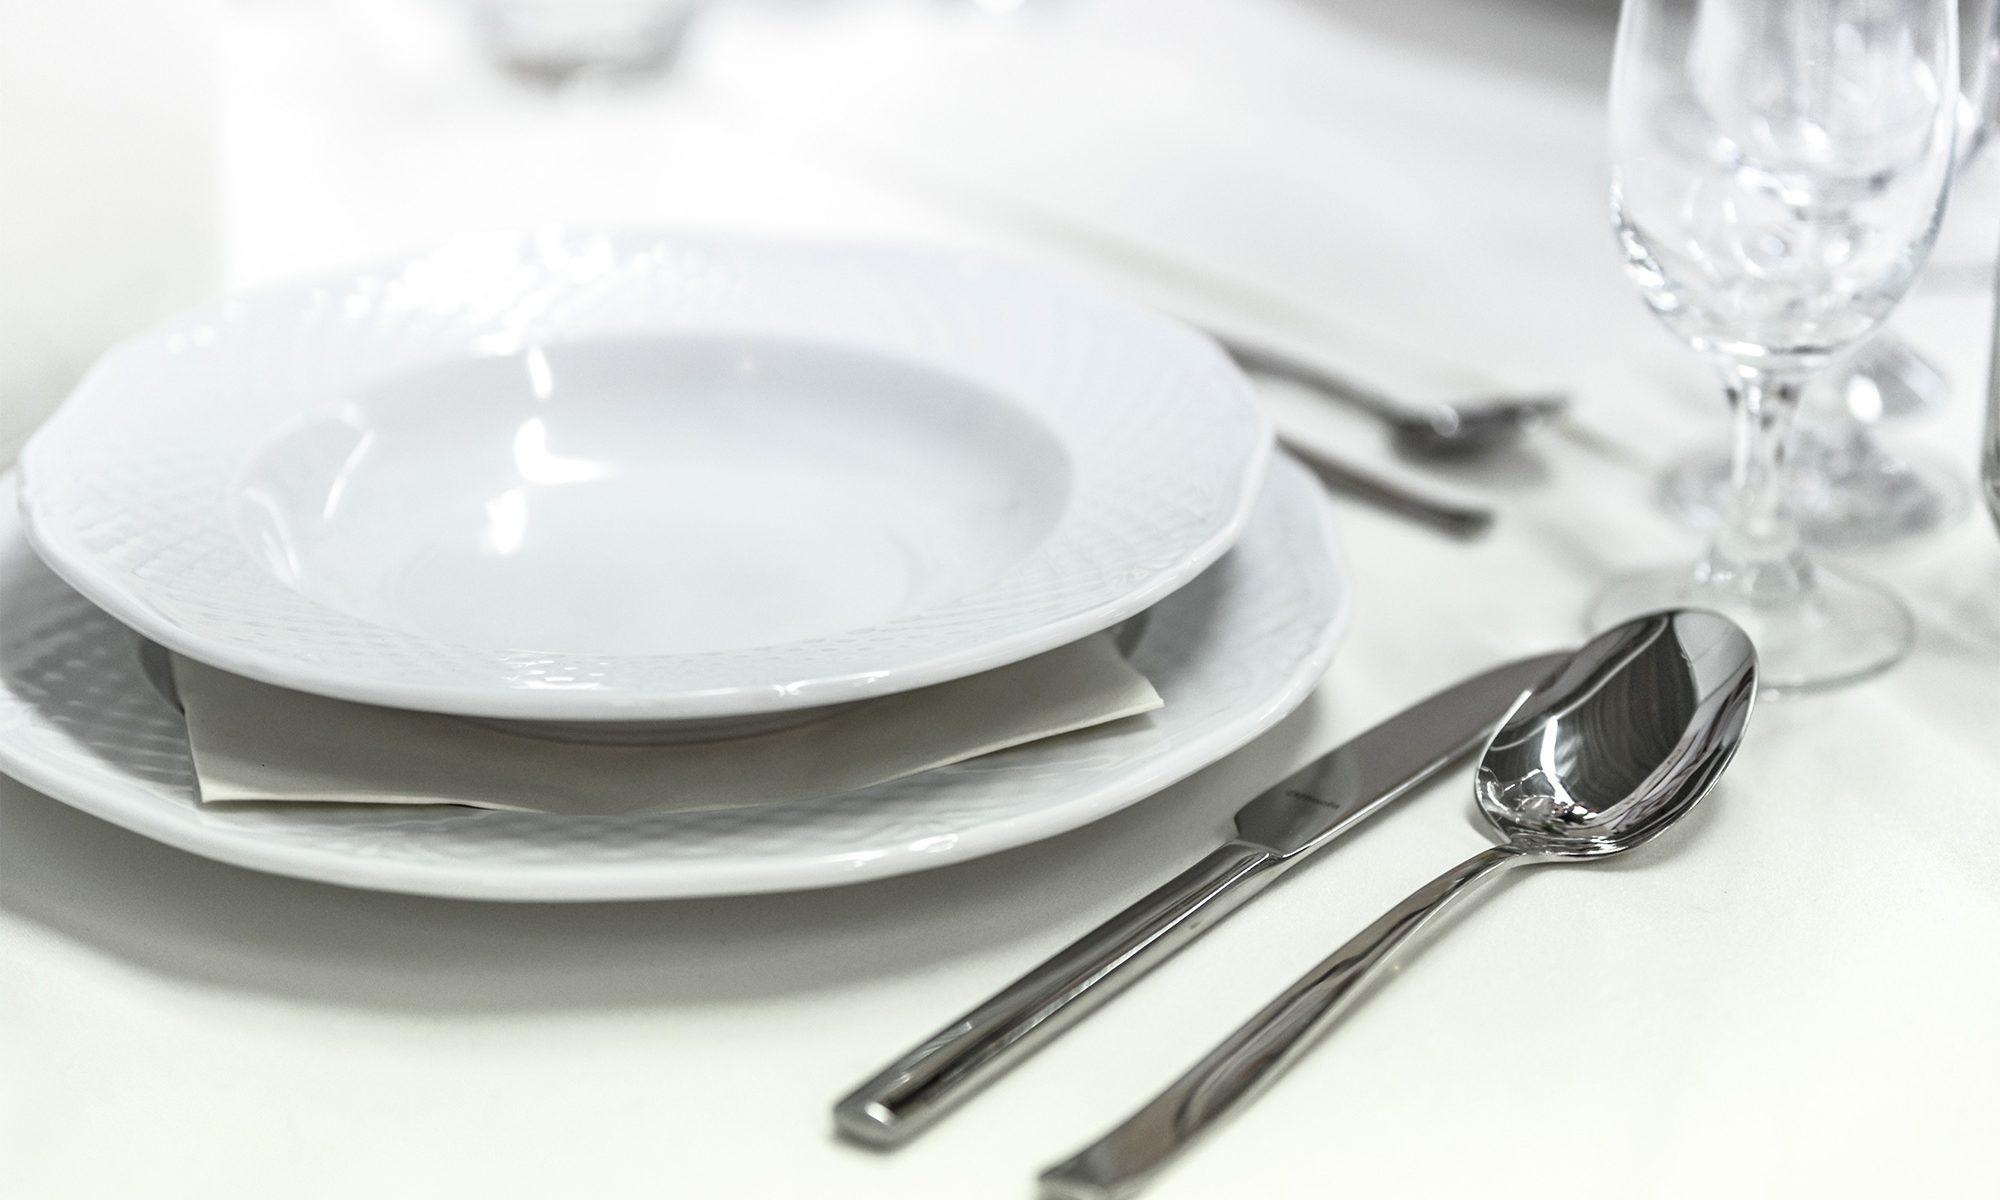 bondai hotel 食事